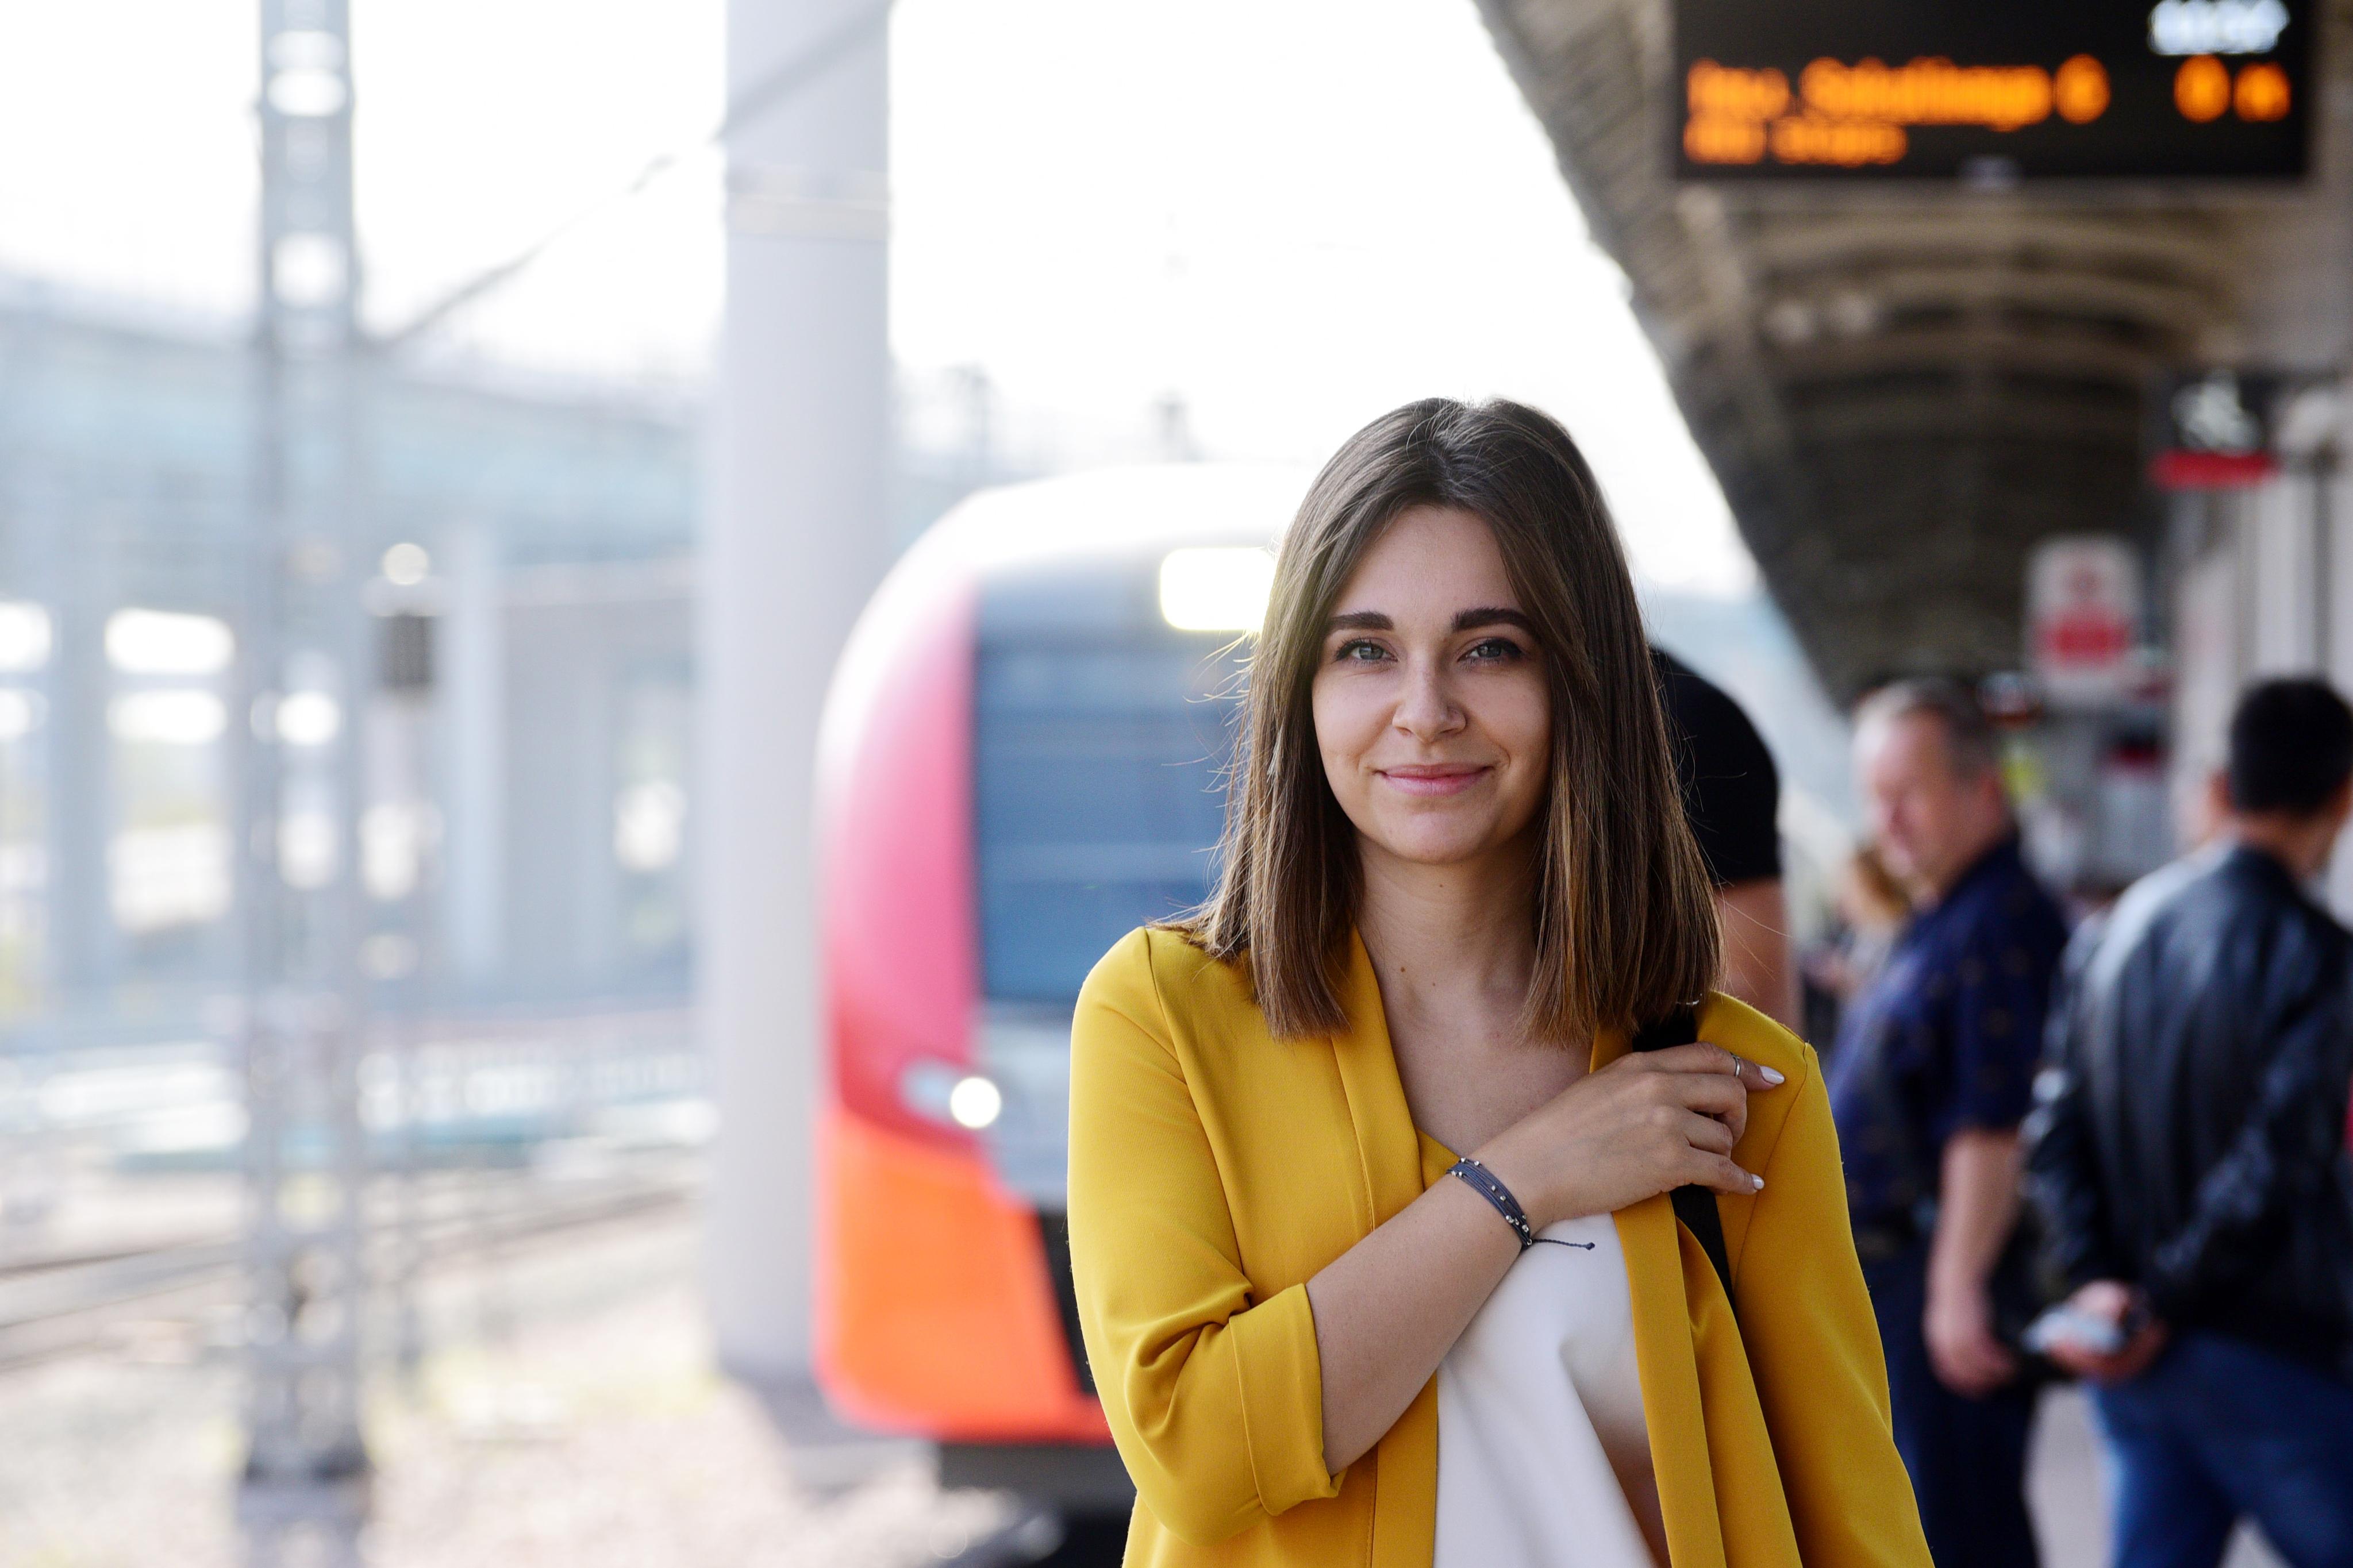 Пассажиры смогут комфортно пересаживаться на метро, МЦК, железнодорожный и наземный пассажирский транспорт. Фото: Пелагия Замятина